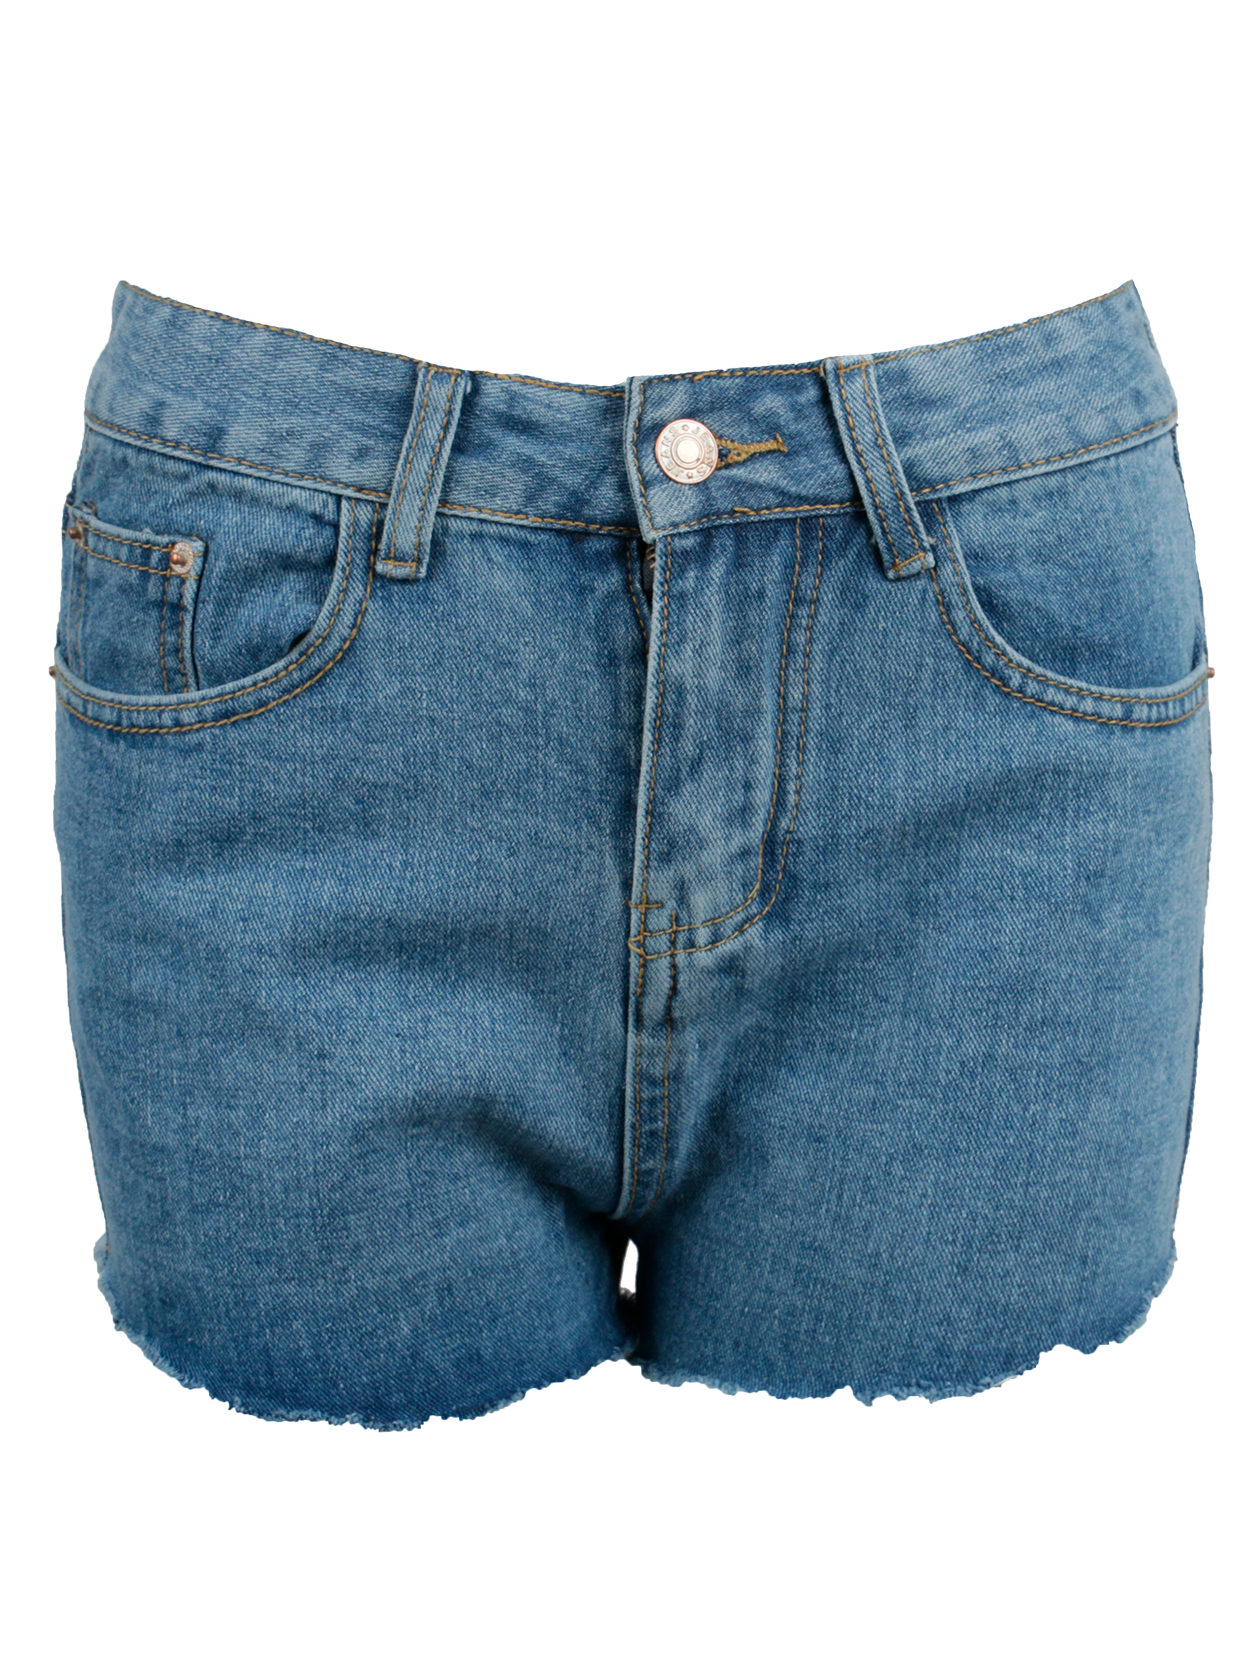 Шорты джинсовые женские HOT 13 DENIMШорты джинсовые женские Hot 13 Denim – актуальный тренд любого сезона. Модель классического дизайна с широким поясом, петлями под ремень и застежкой-молнией на закрытой планке спереди. Передние и задние карманы предназначены для хранения личных вещей. Сзади имеется вышивка с цифрой 13. Изделие укороченного кроя с необработанным краем низа отлично комбинируется с одеждой и обувью спортивного, повседневного стиля. Шорты изготовлены из высококачественного денима светло-синей расцветки.<br><br>Размер: L<br>Цвет: Голубой<br>Пол: Женский